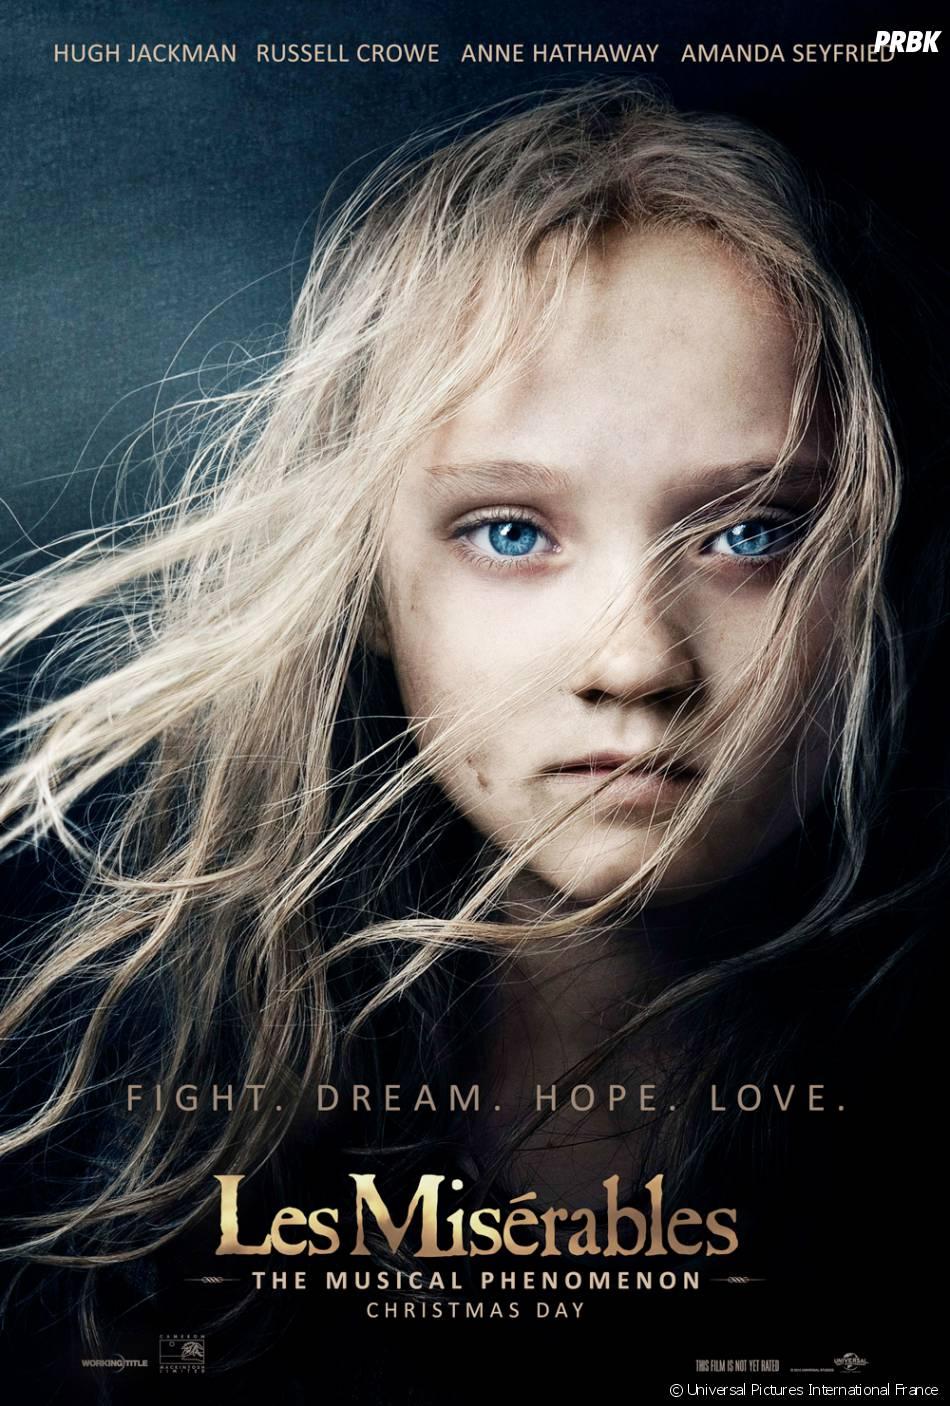 L'affiche du film Les Misérables, en salles le 13 février prochain